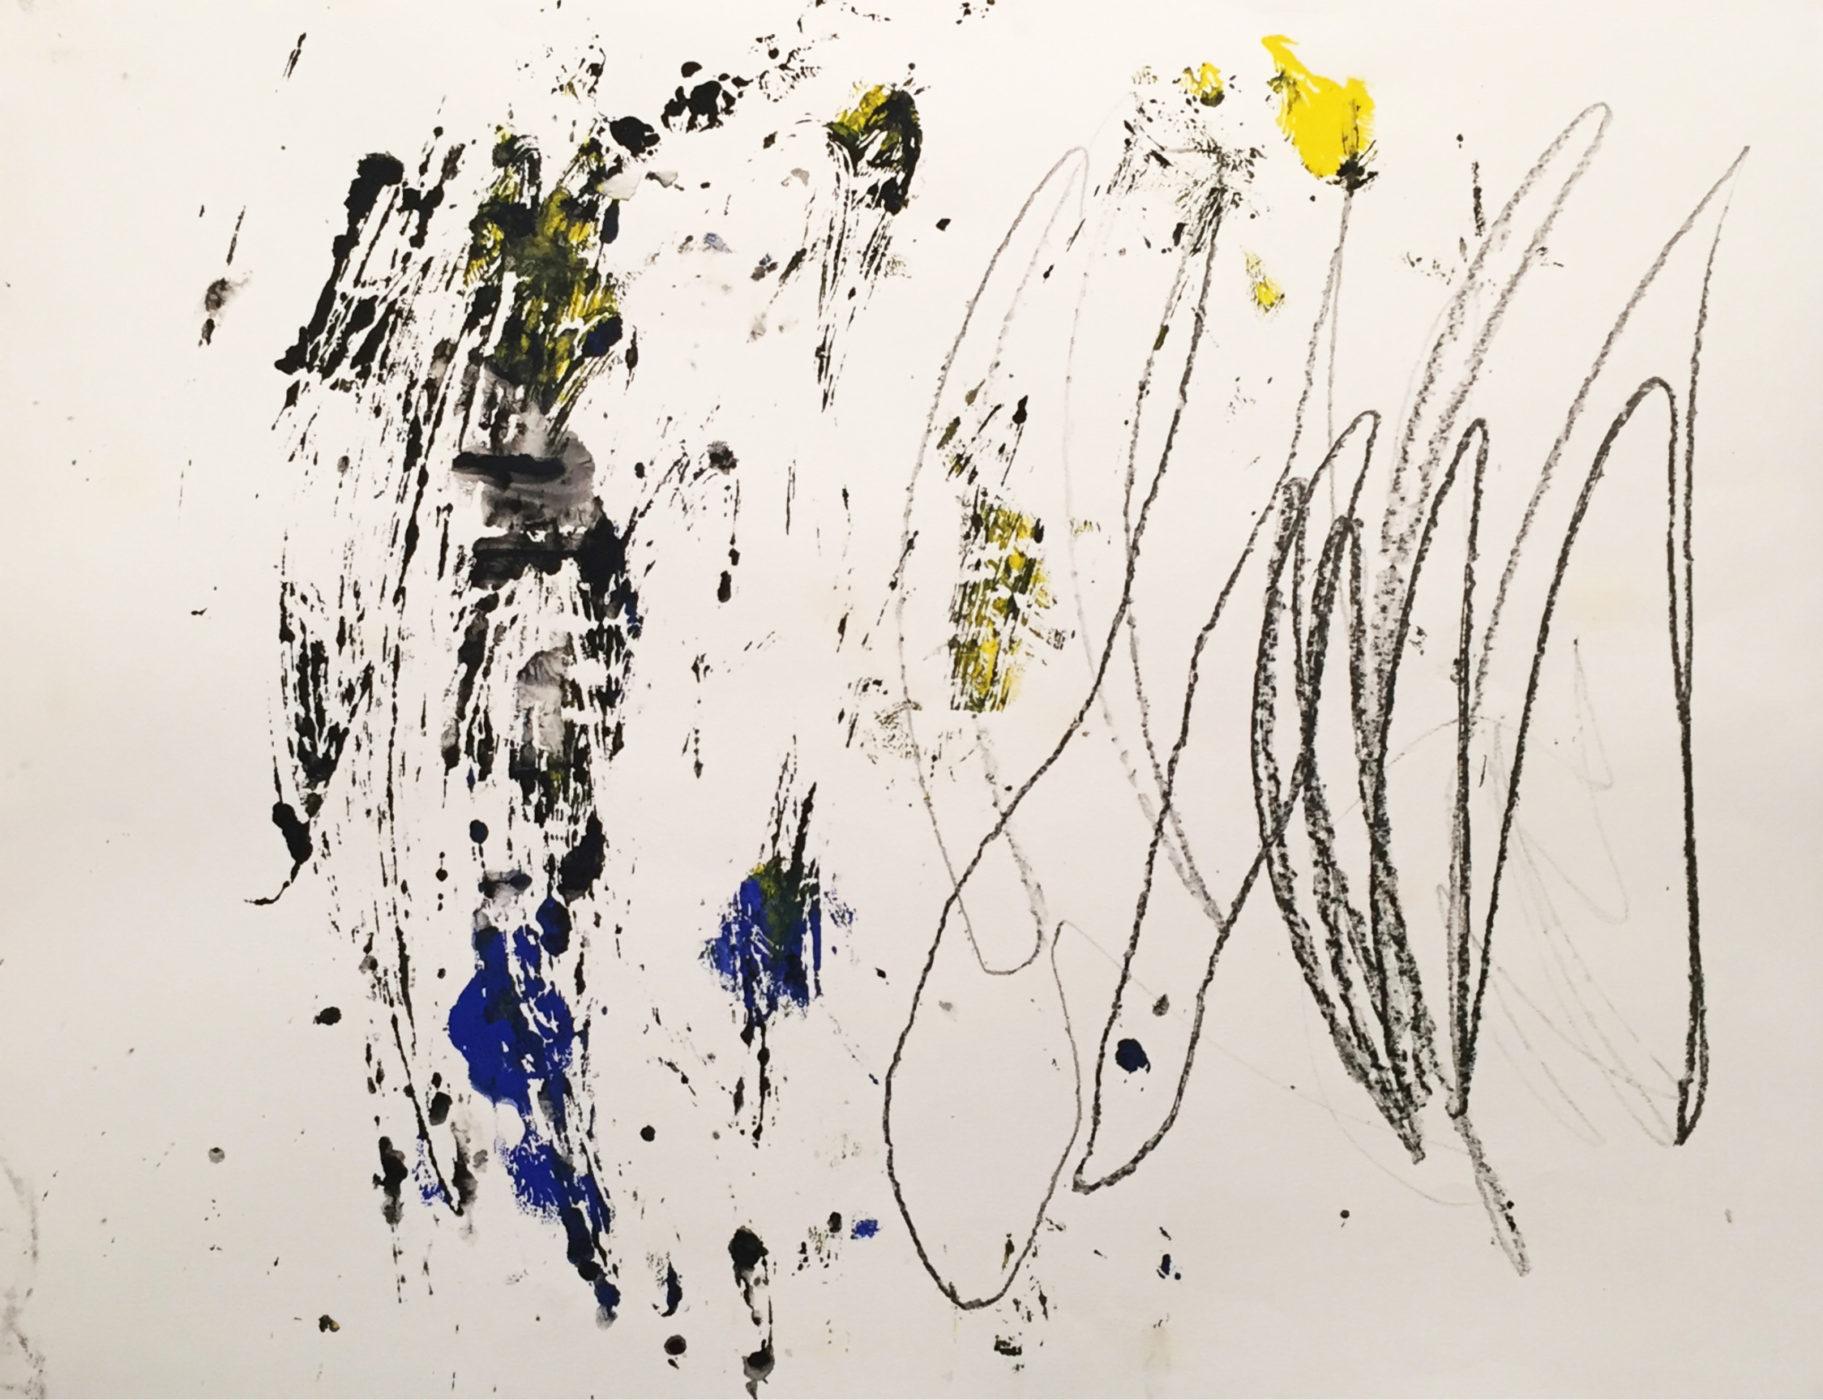 MARC FELD 2016  DANSE  Acrylique et mine de plomb sur papier 50 x 65 cm